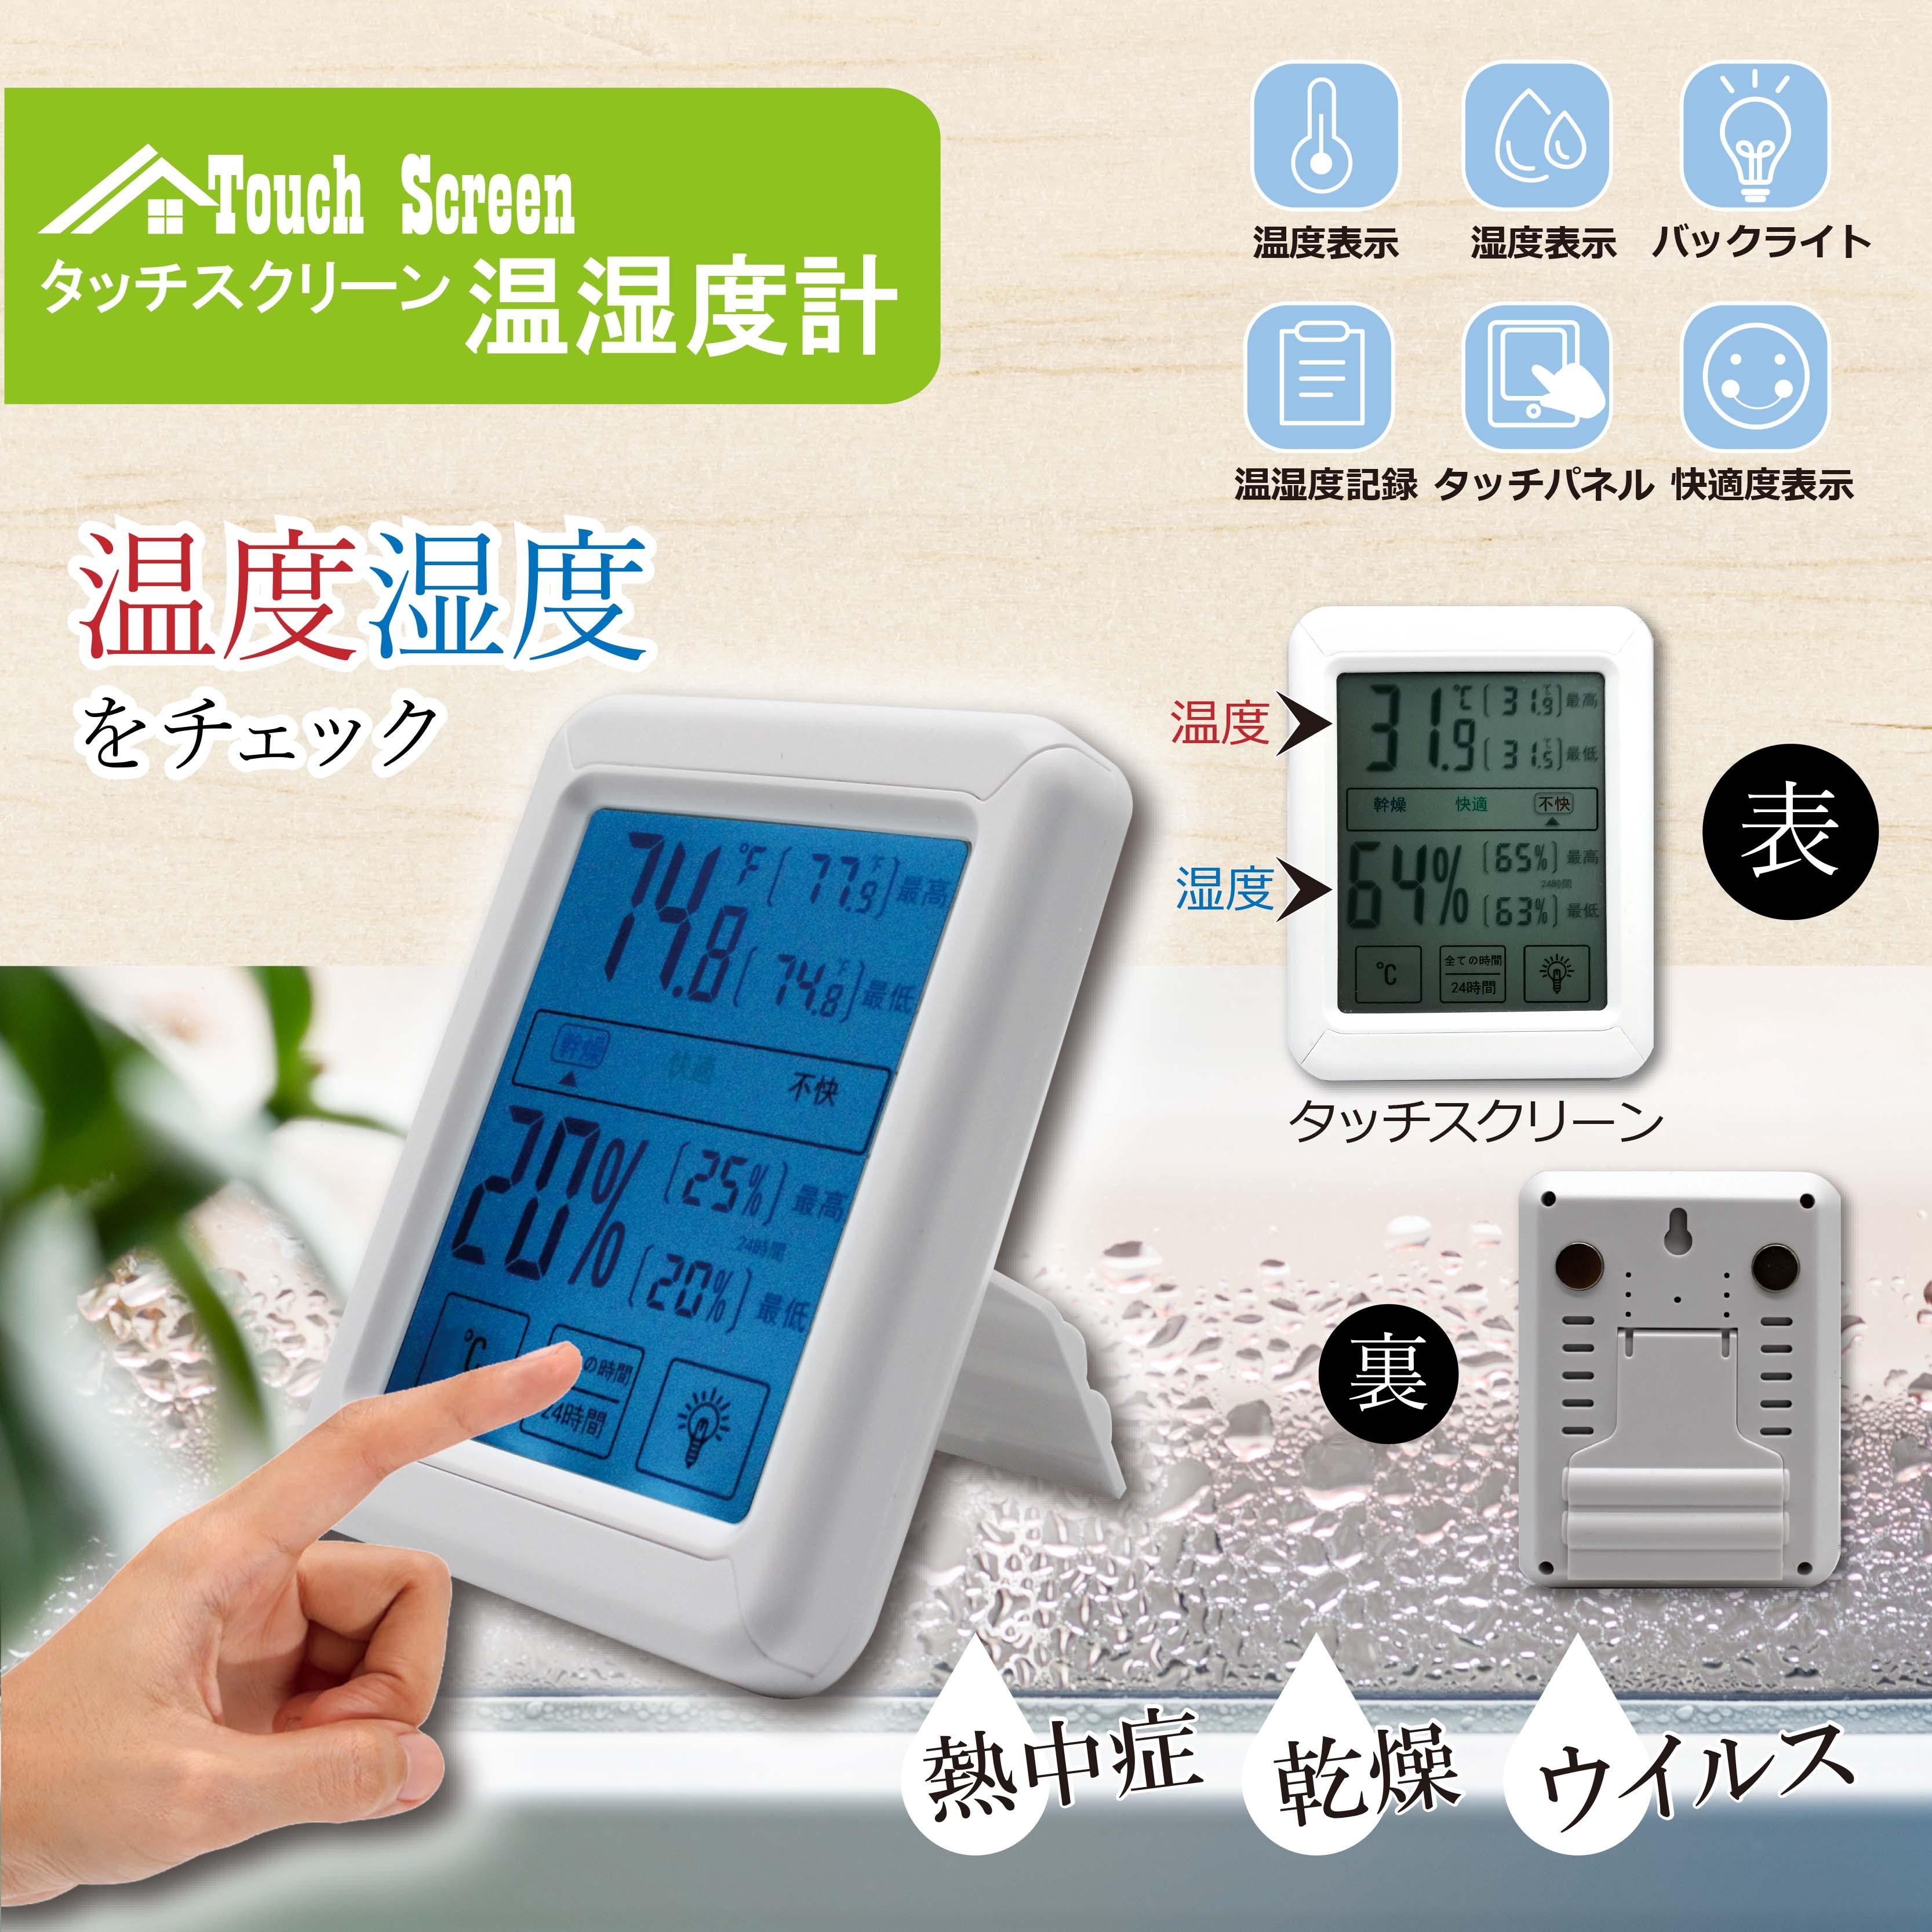 タッチスクリーン温湿度計 DLWSDJ21004